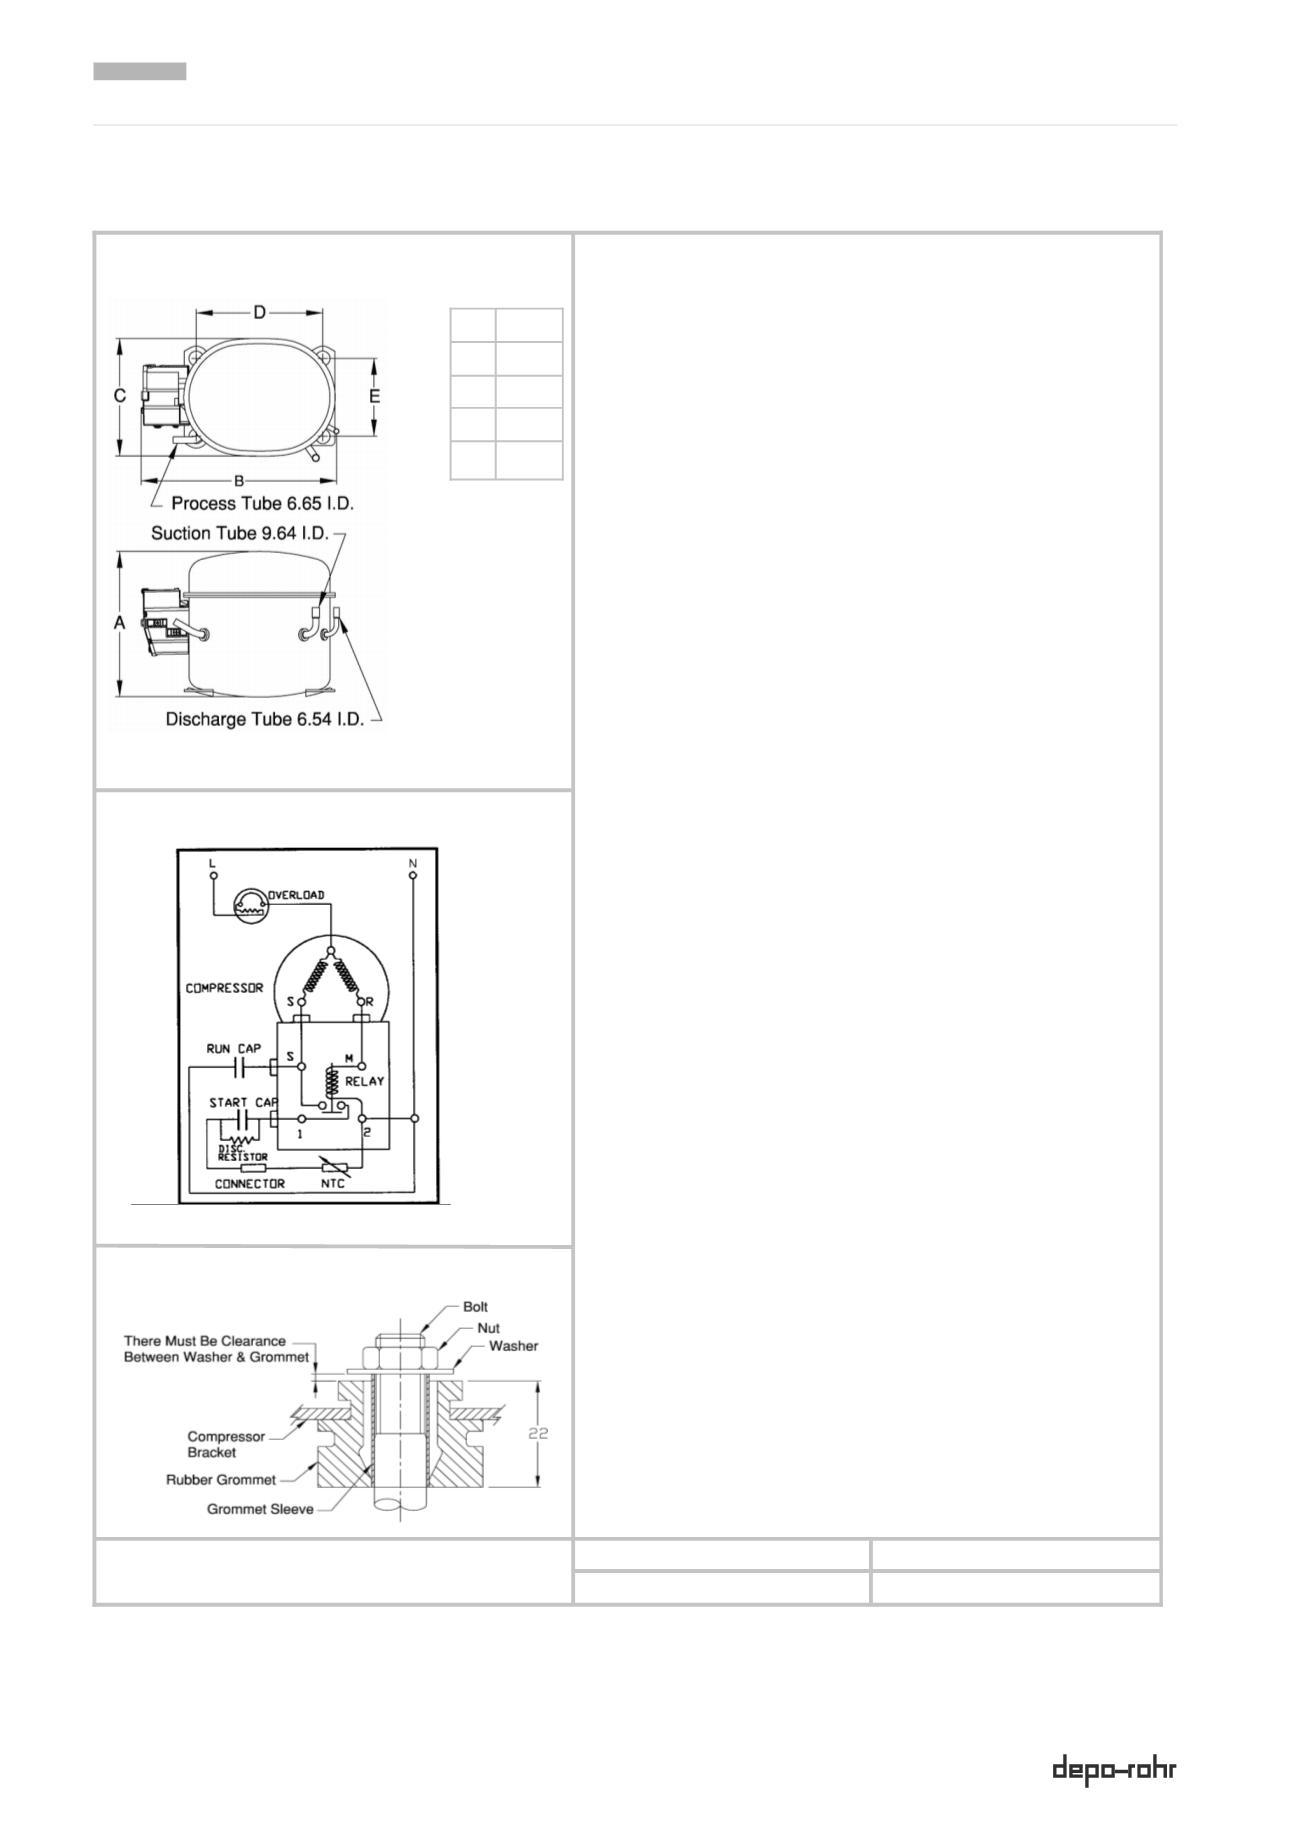 Lieferprogramm page 484